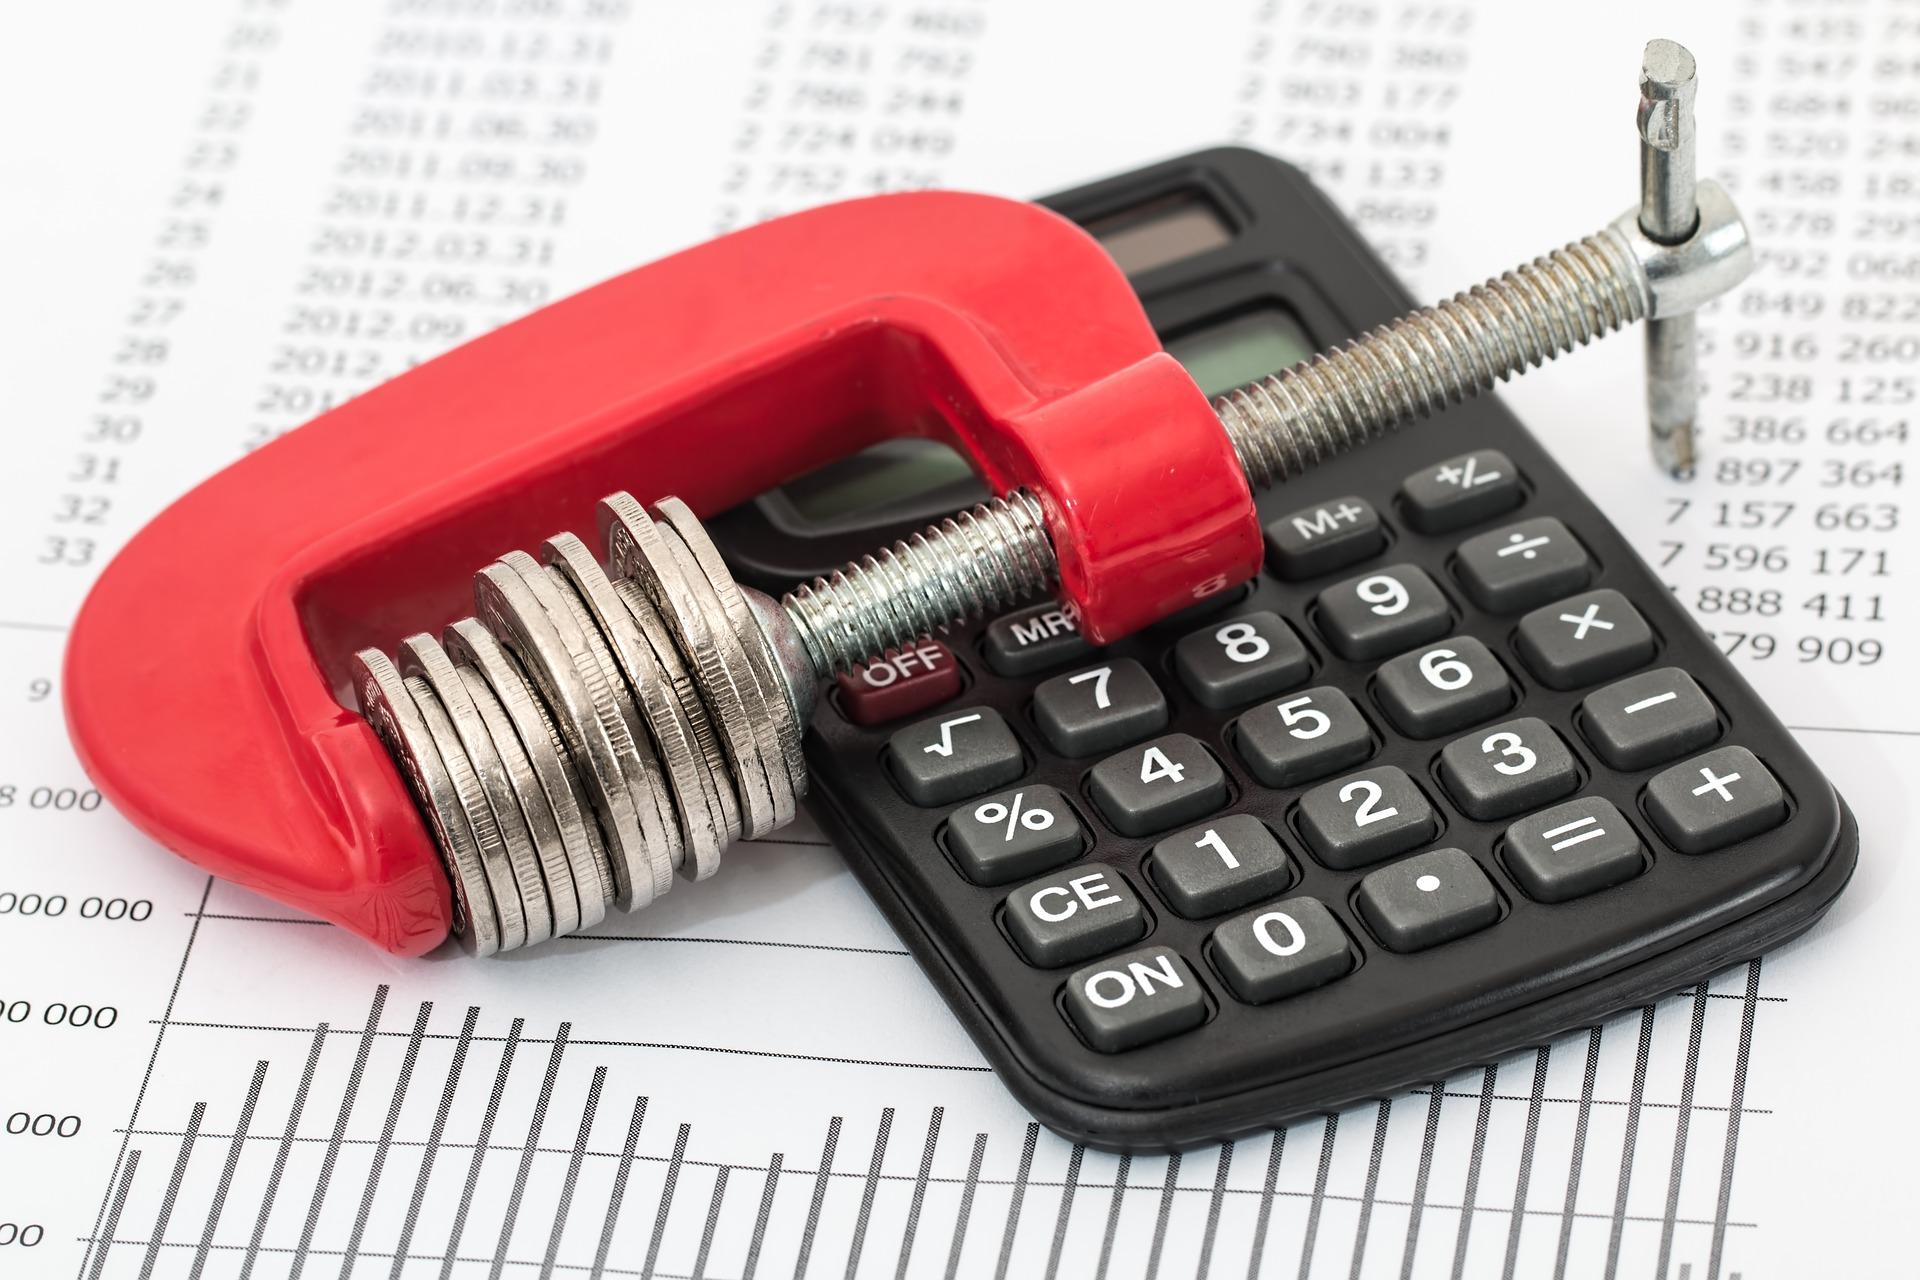 Orçamento é idealizado pelo poder executivo, mas conta com consulta pública (Crédito: Imagem de Steve Buissinne por Pixabay)